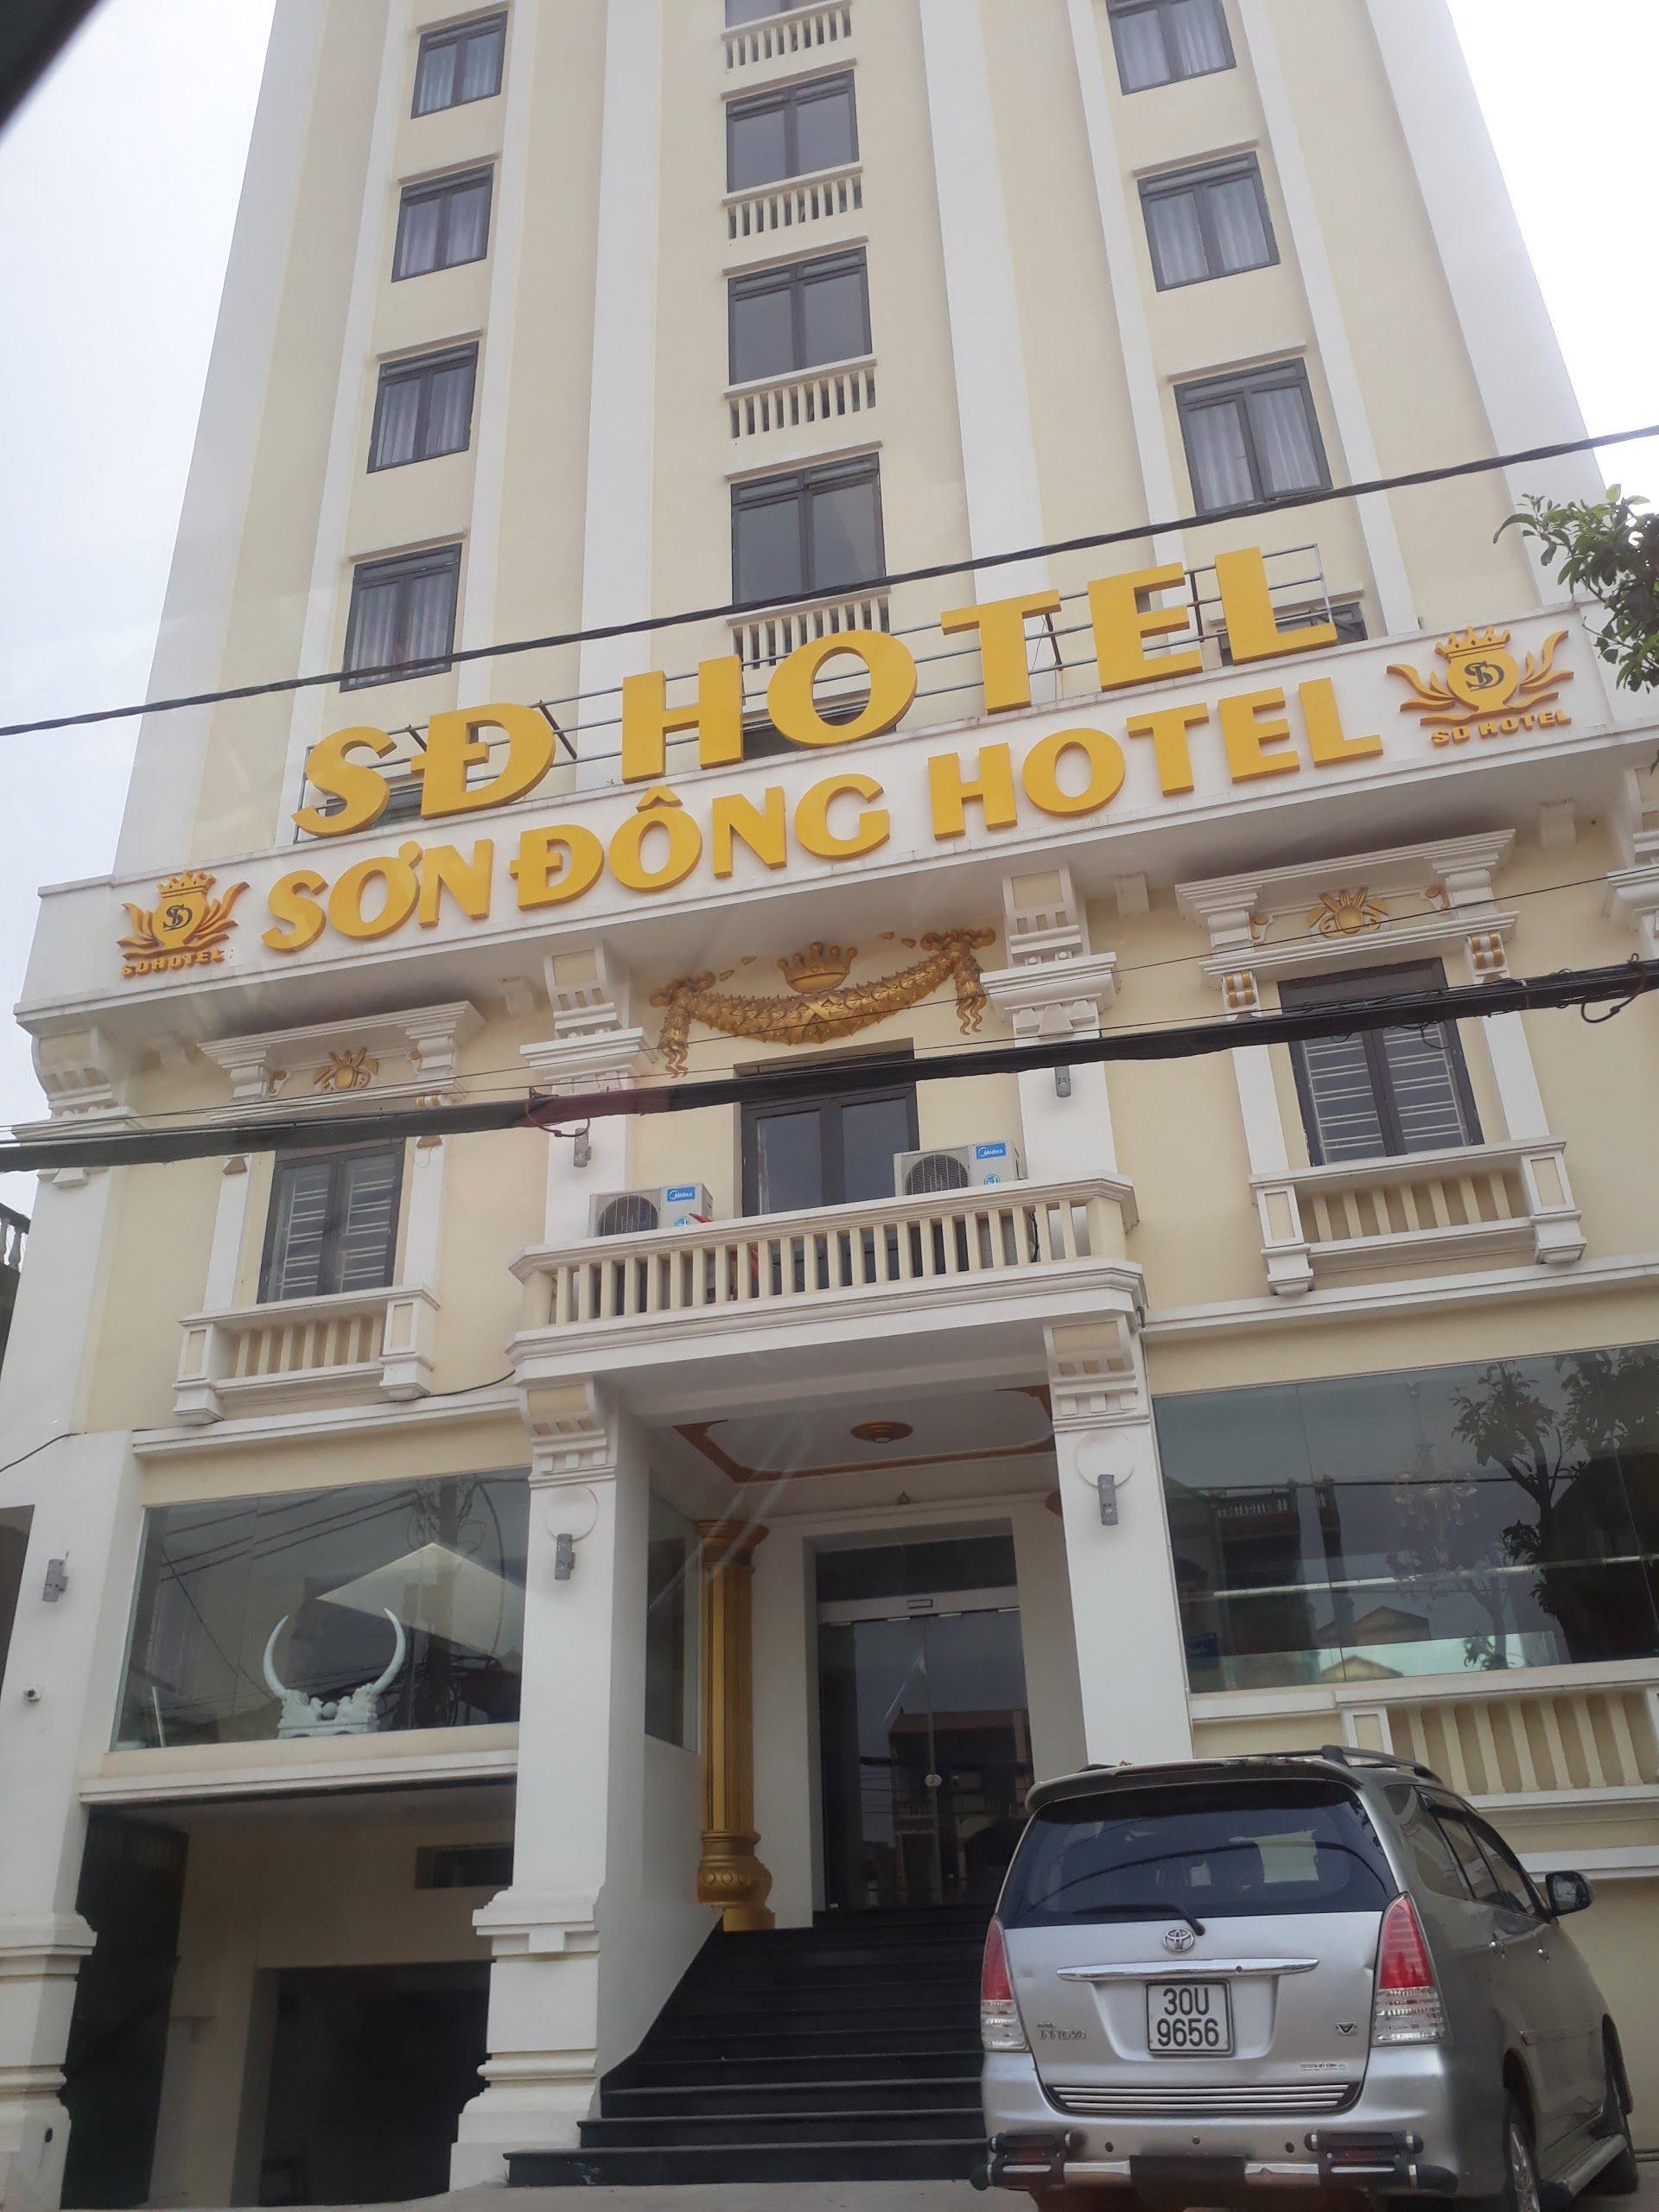 Khách sạn Sơn Đông Hotel cách ly tại Bắc Ninh